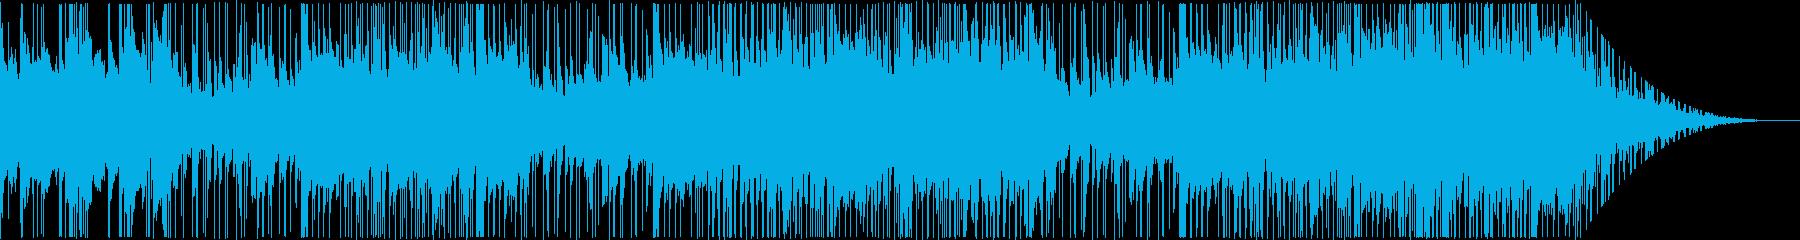 70年代風クラシックソウル系BGMの再生済みの波形